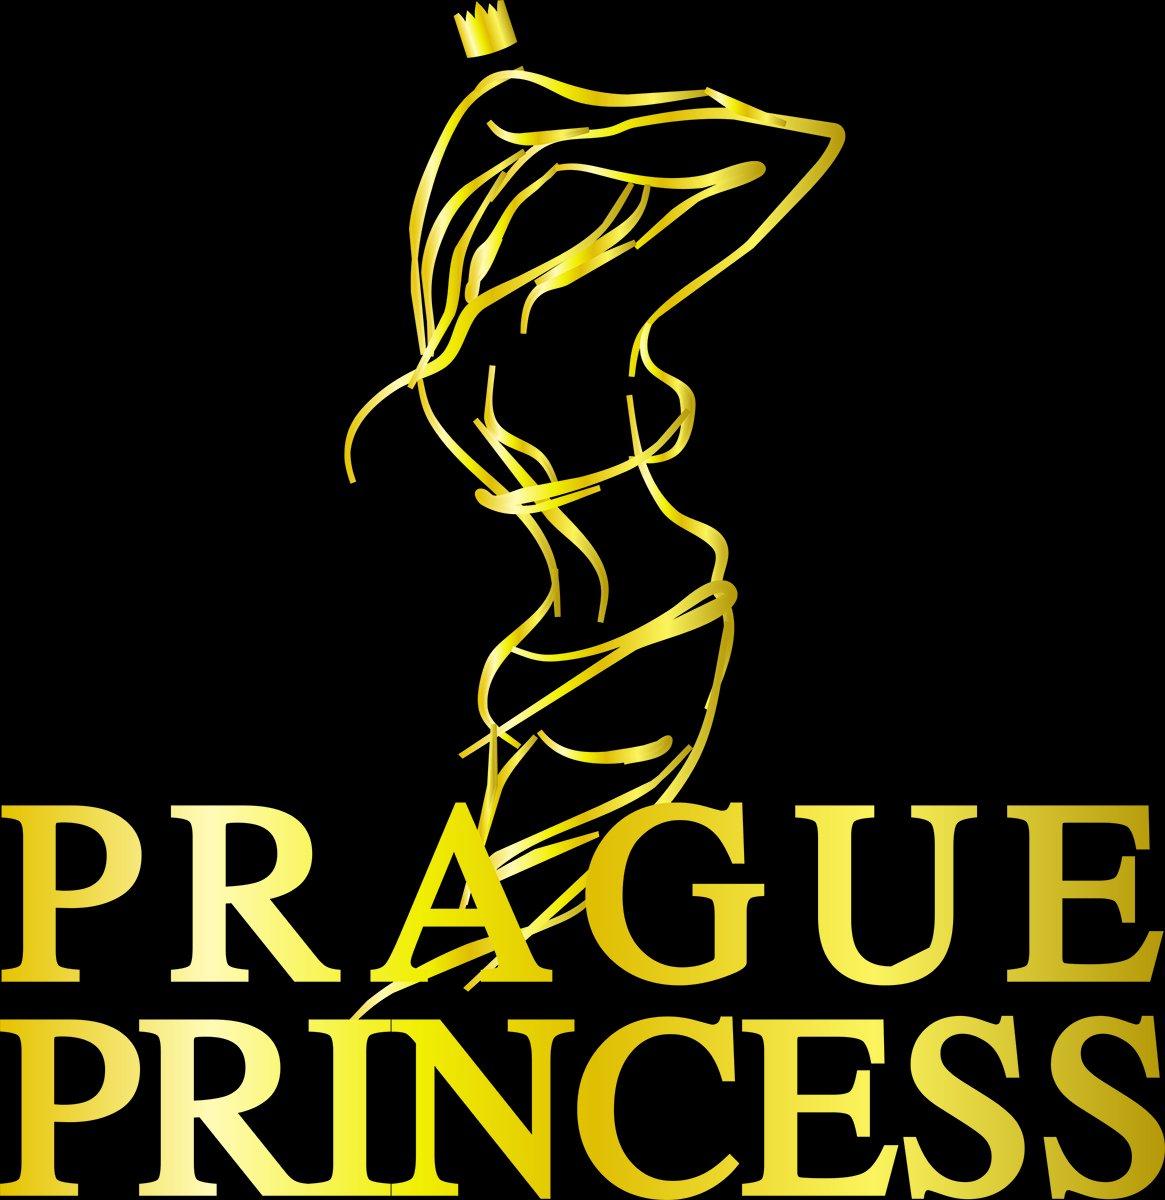 PRAGUE PRINCESS - NÁBOR DÍVEK